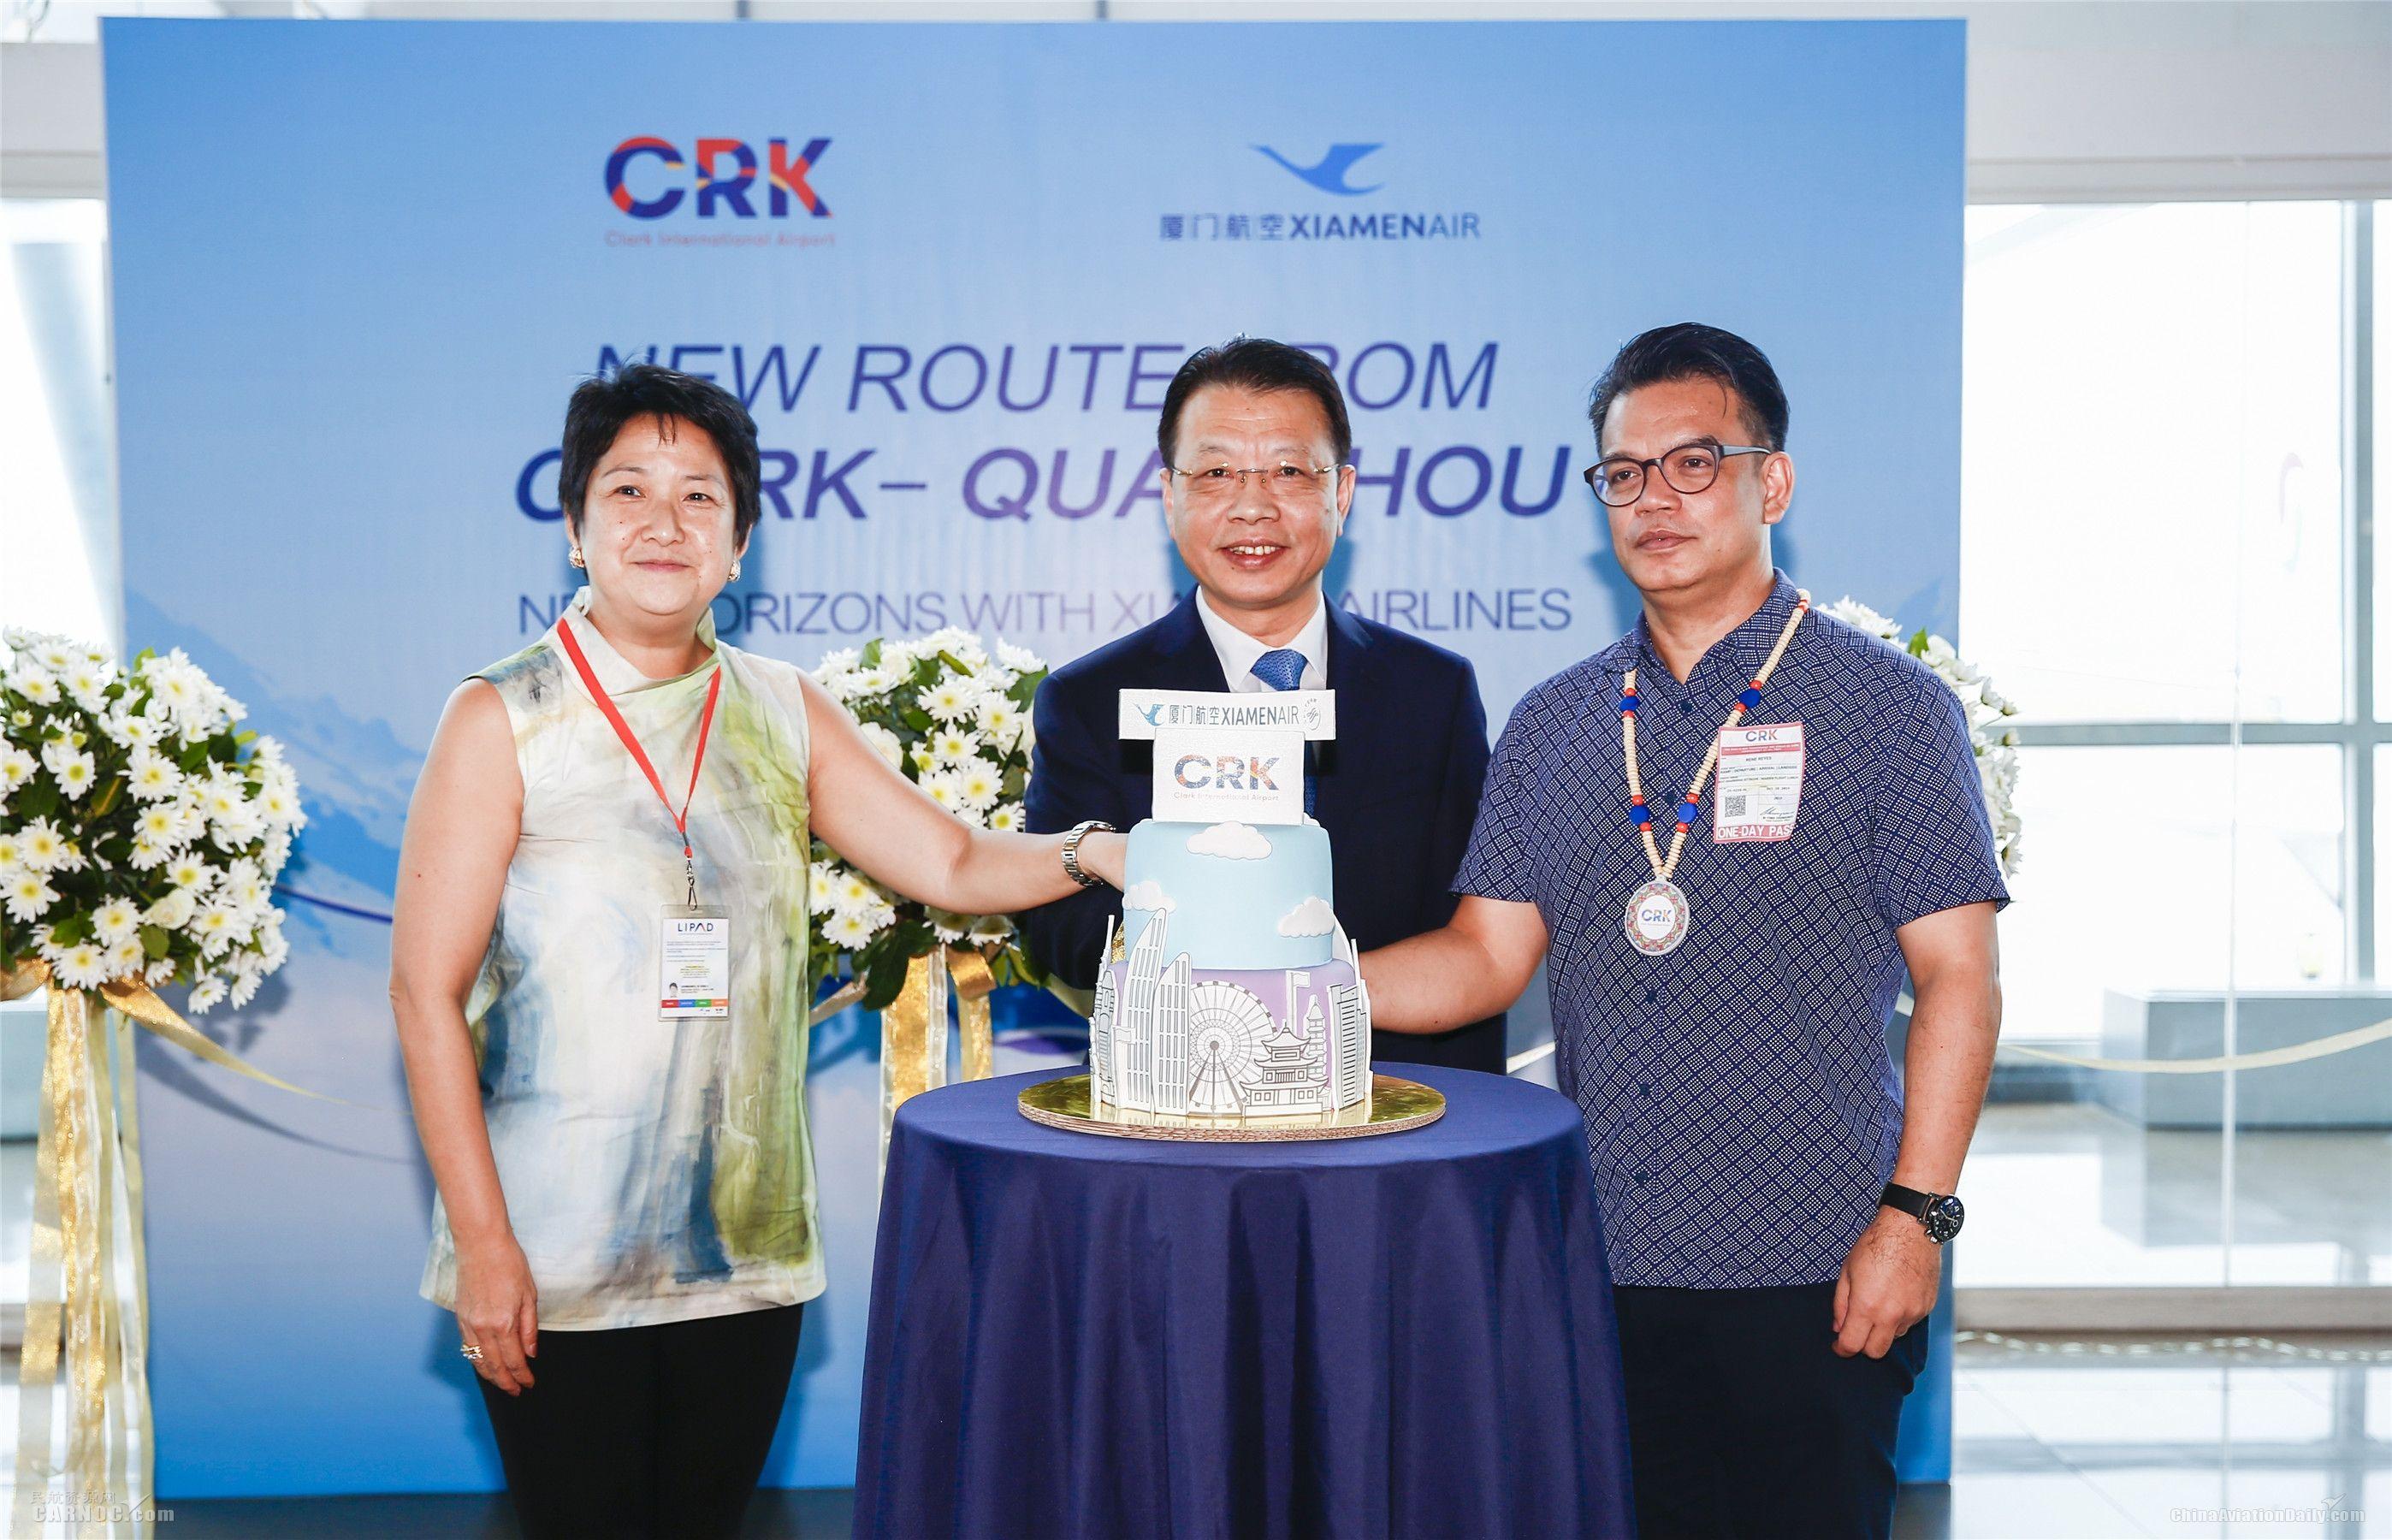 厦航副总经理黄国辉、菲律宾国家旅游局旅游领事雷亚司、克拉克机场CEO